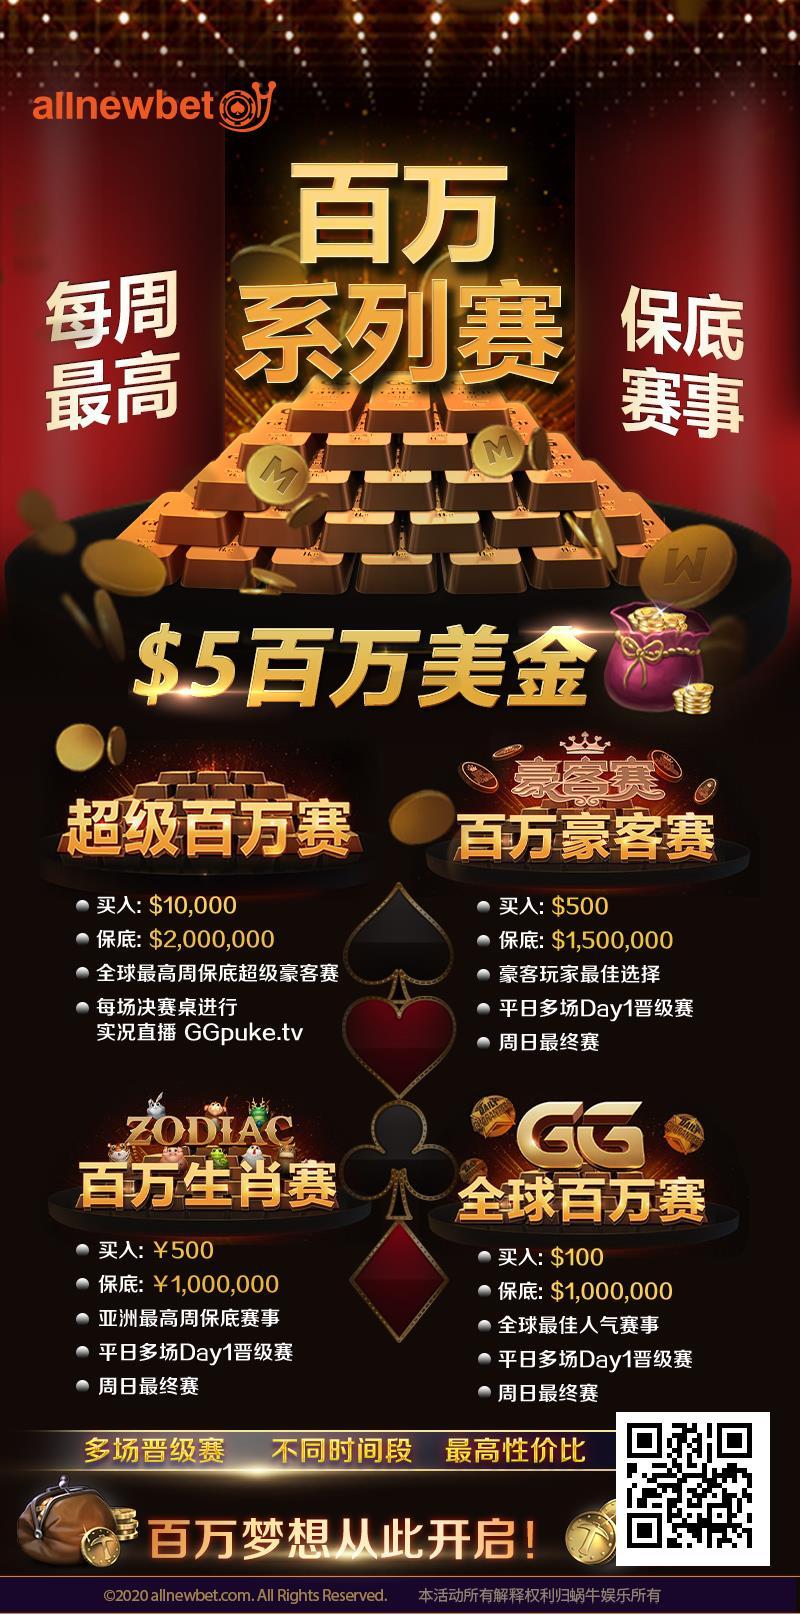 蜗牛扑克每周保底百万系列赛超高额保底500万美金